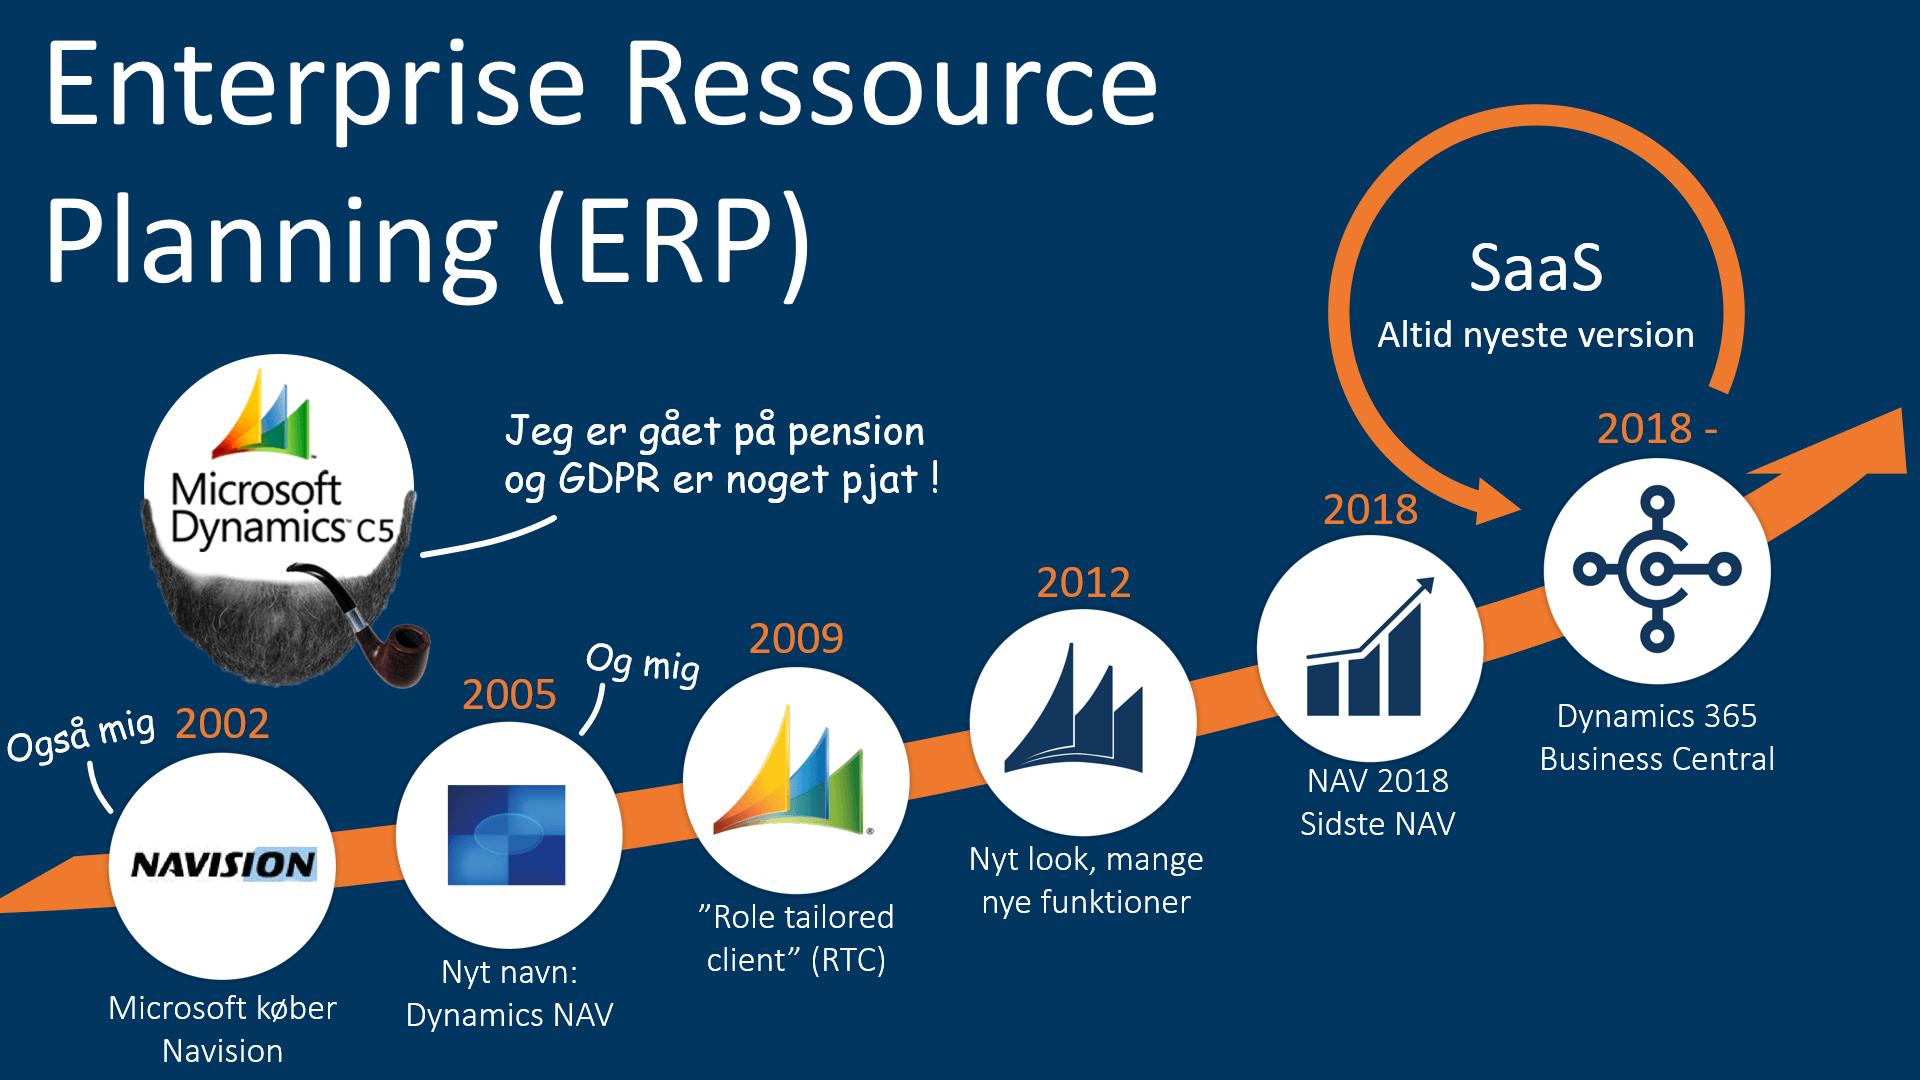 Billede af tidslinje over, hvordan teknisk gæld opstår i udviklingen af ERP-systemet Navision